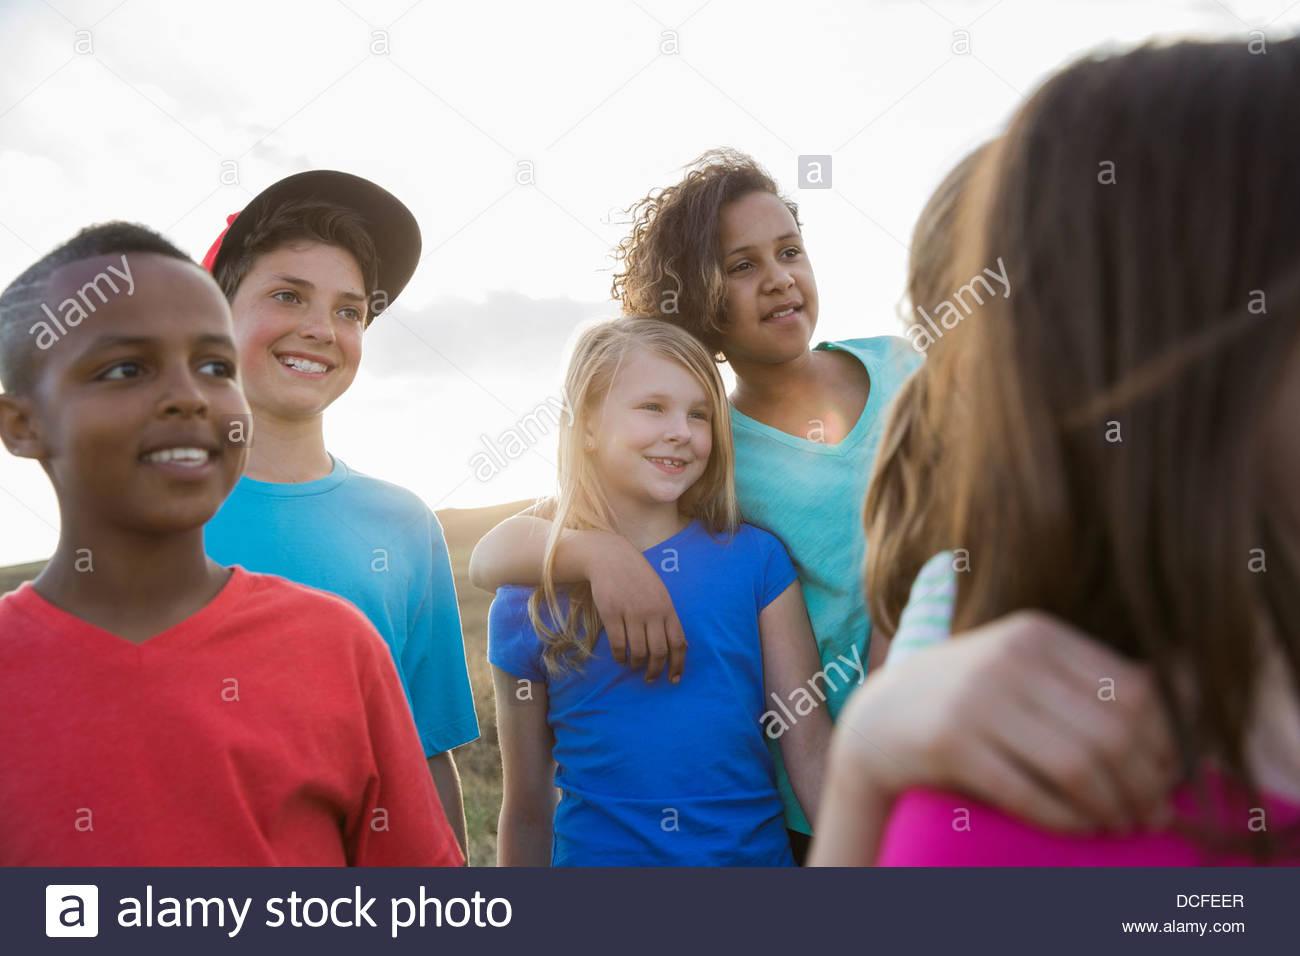 Gruppe von Kindern zusammen im Freien stehen Stockfoto